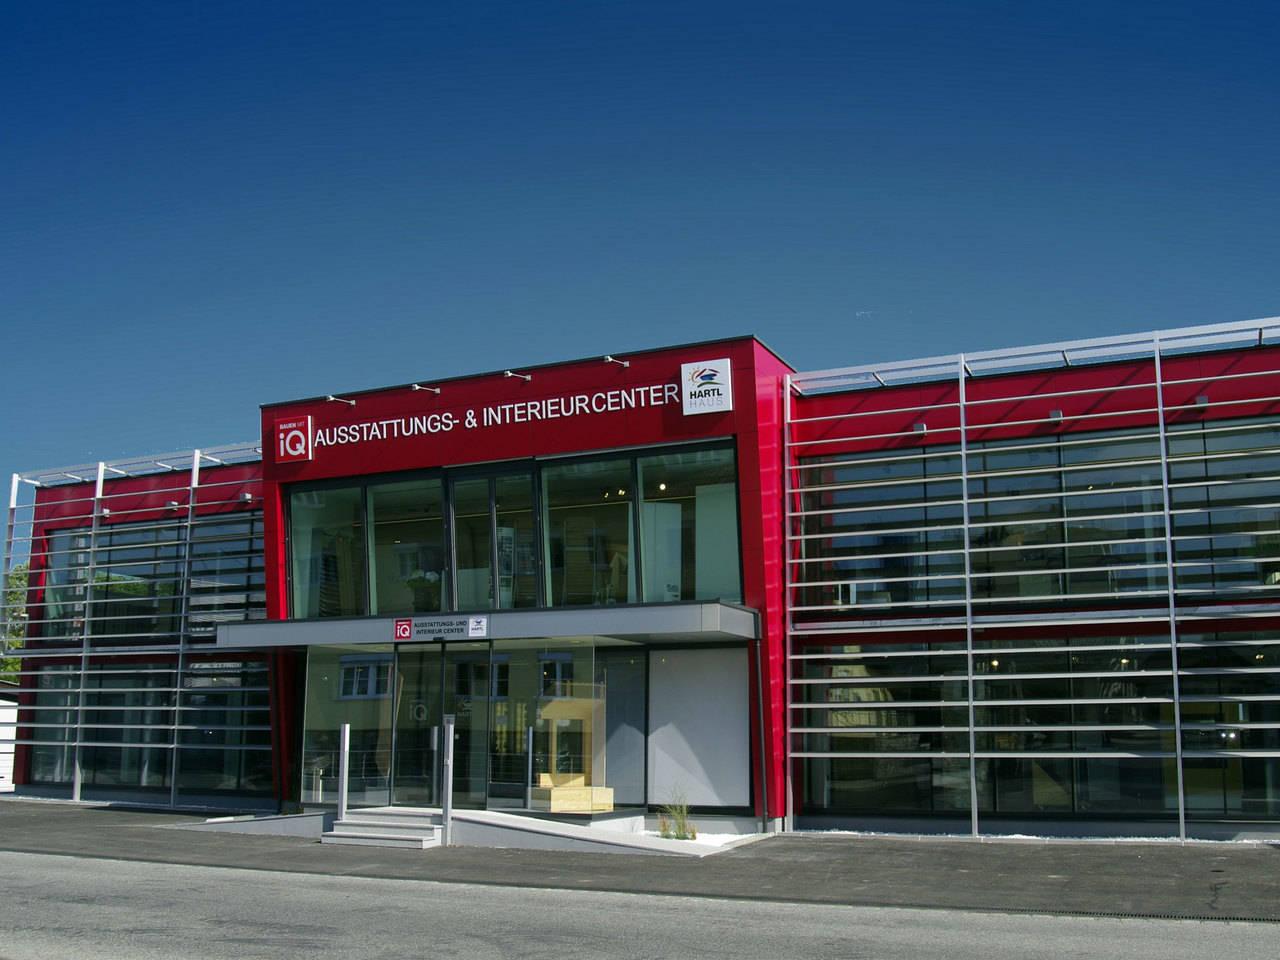 Hart Haus Ausstattungs- & Interieurcenter